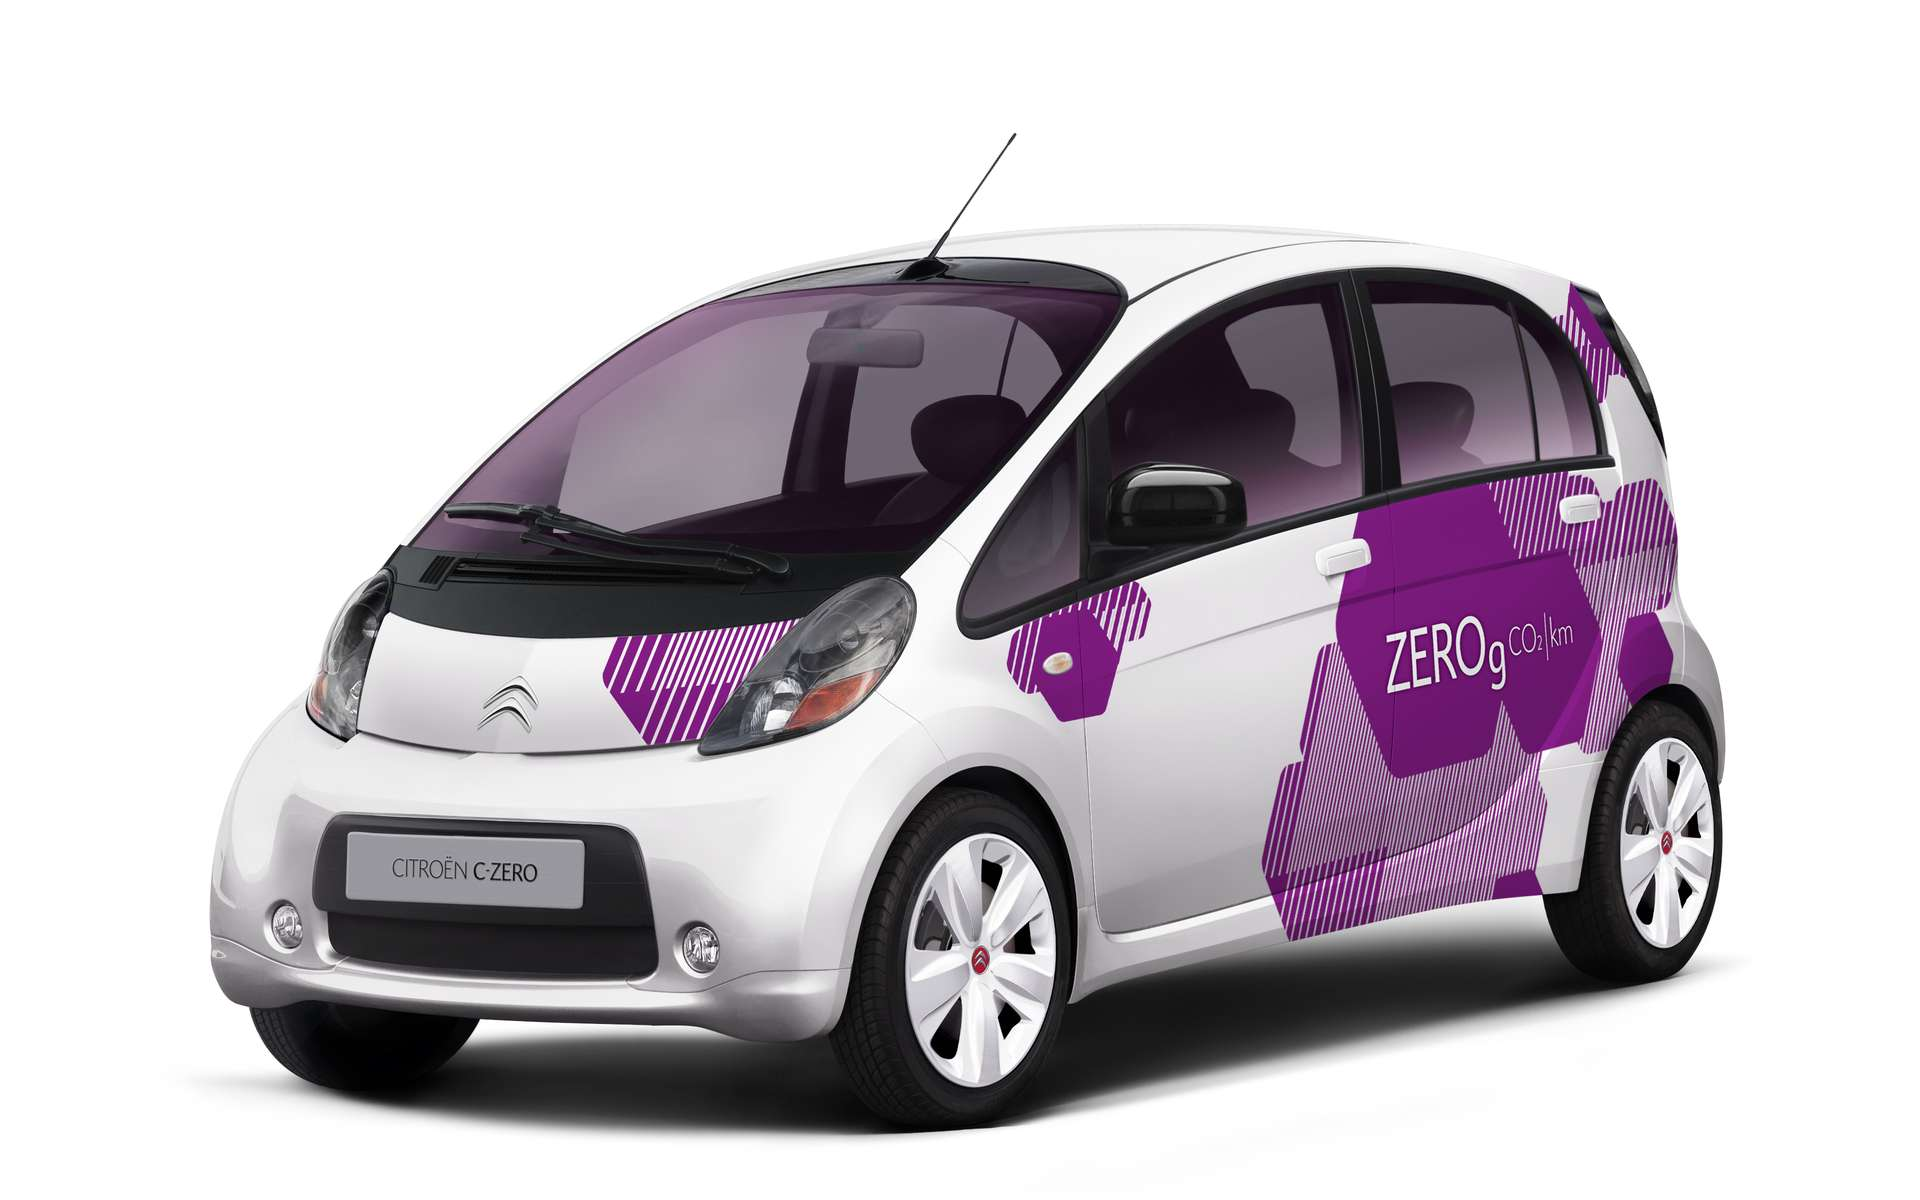 La C-Zéro, de Citroën, ressemble étrangement à la Mitsubishi i-Miev. C'est normal. © Citroën Communication